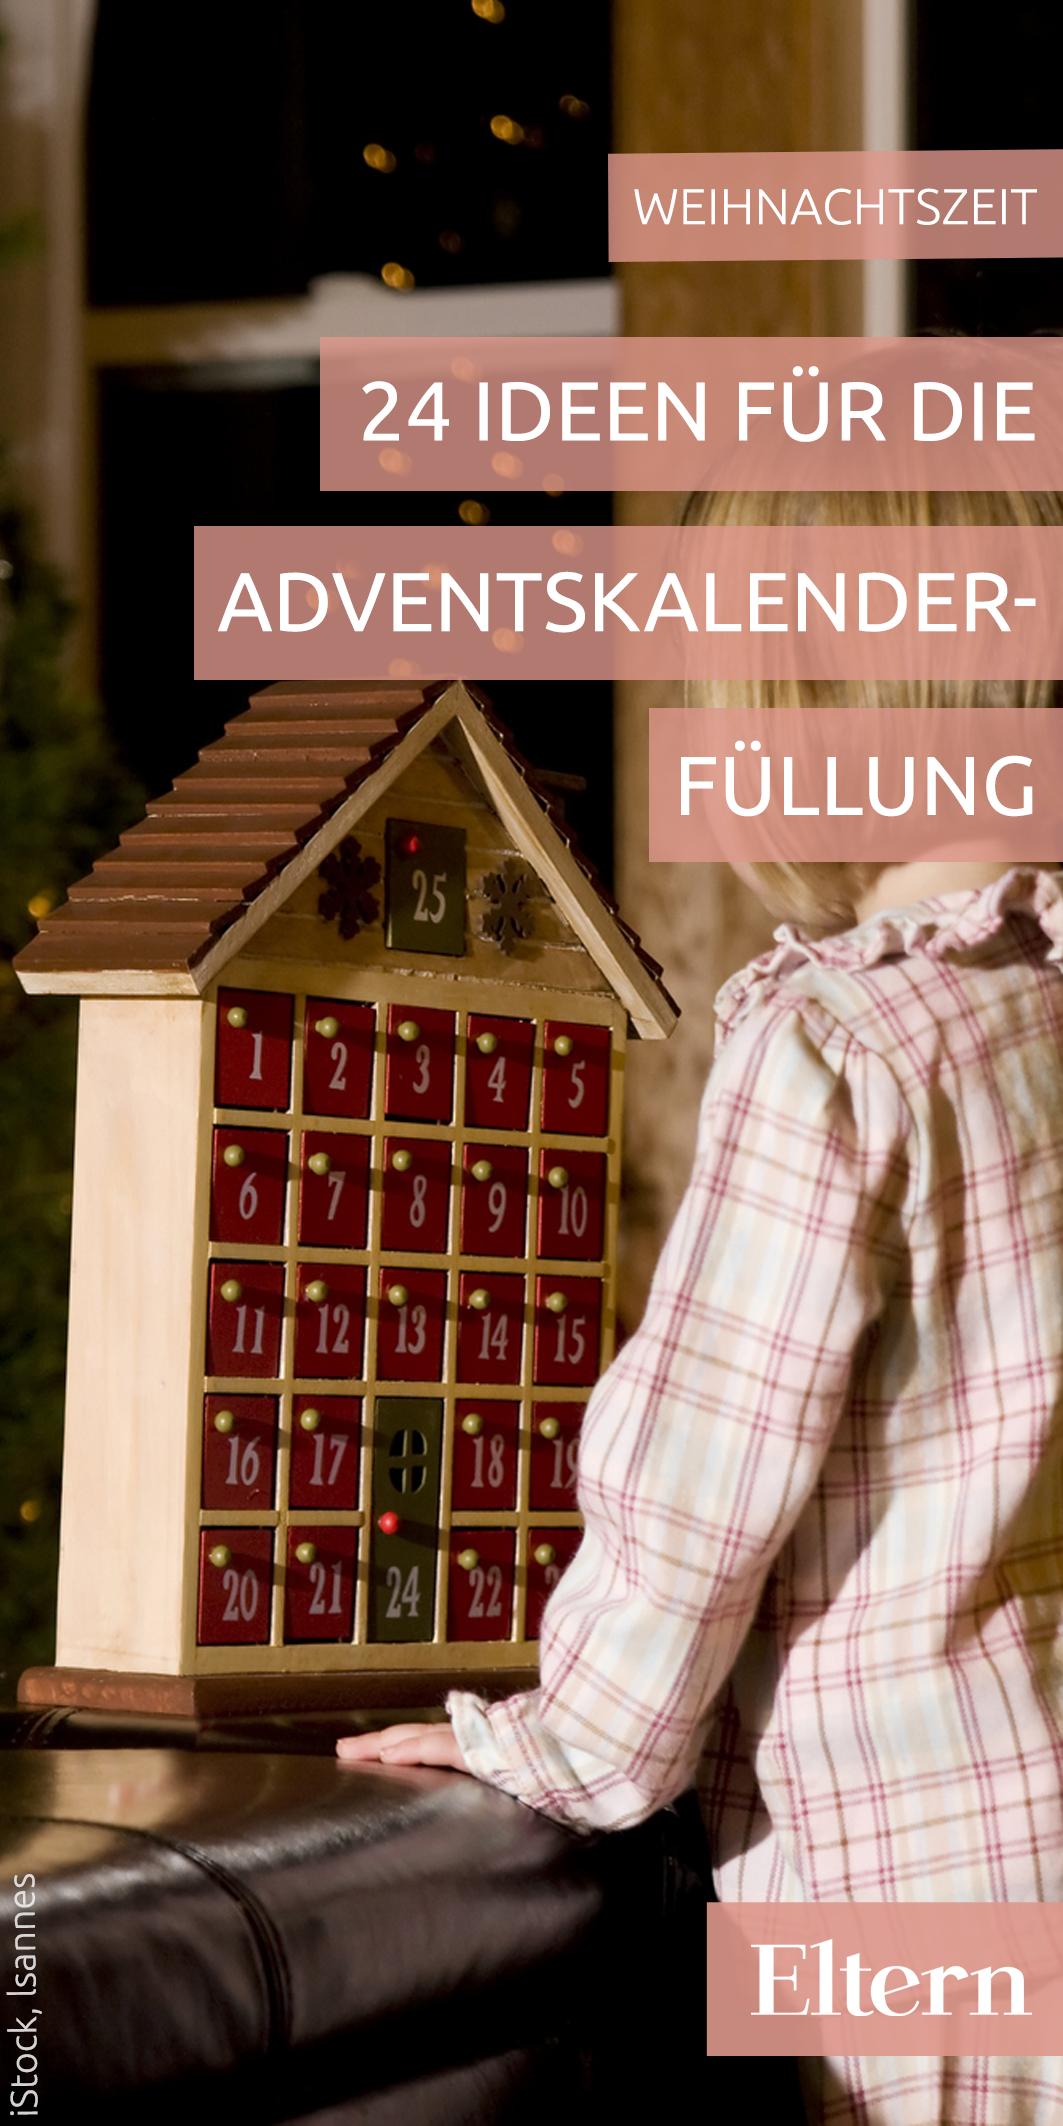 24 kreative ideen f r die adventskalender f llung weihnachtszeit mit kindern adventskalender. Black Bedroom Furniture Sets. Home Design Ideas